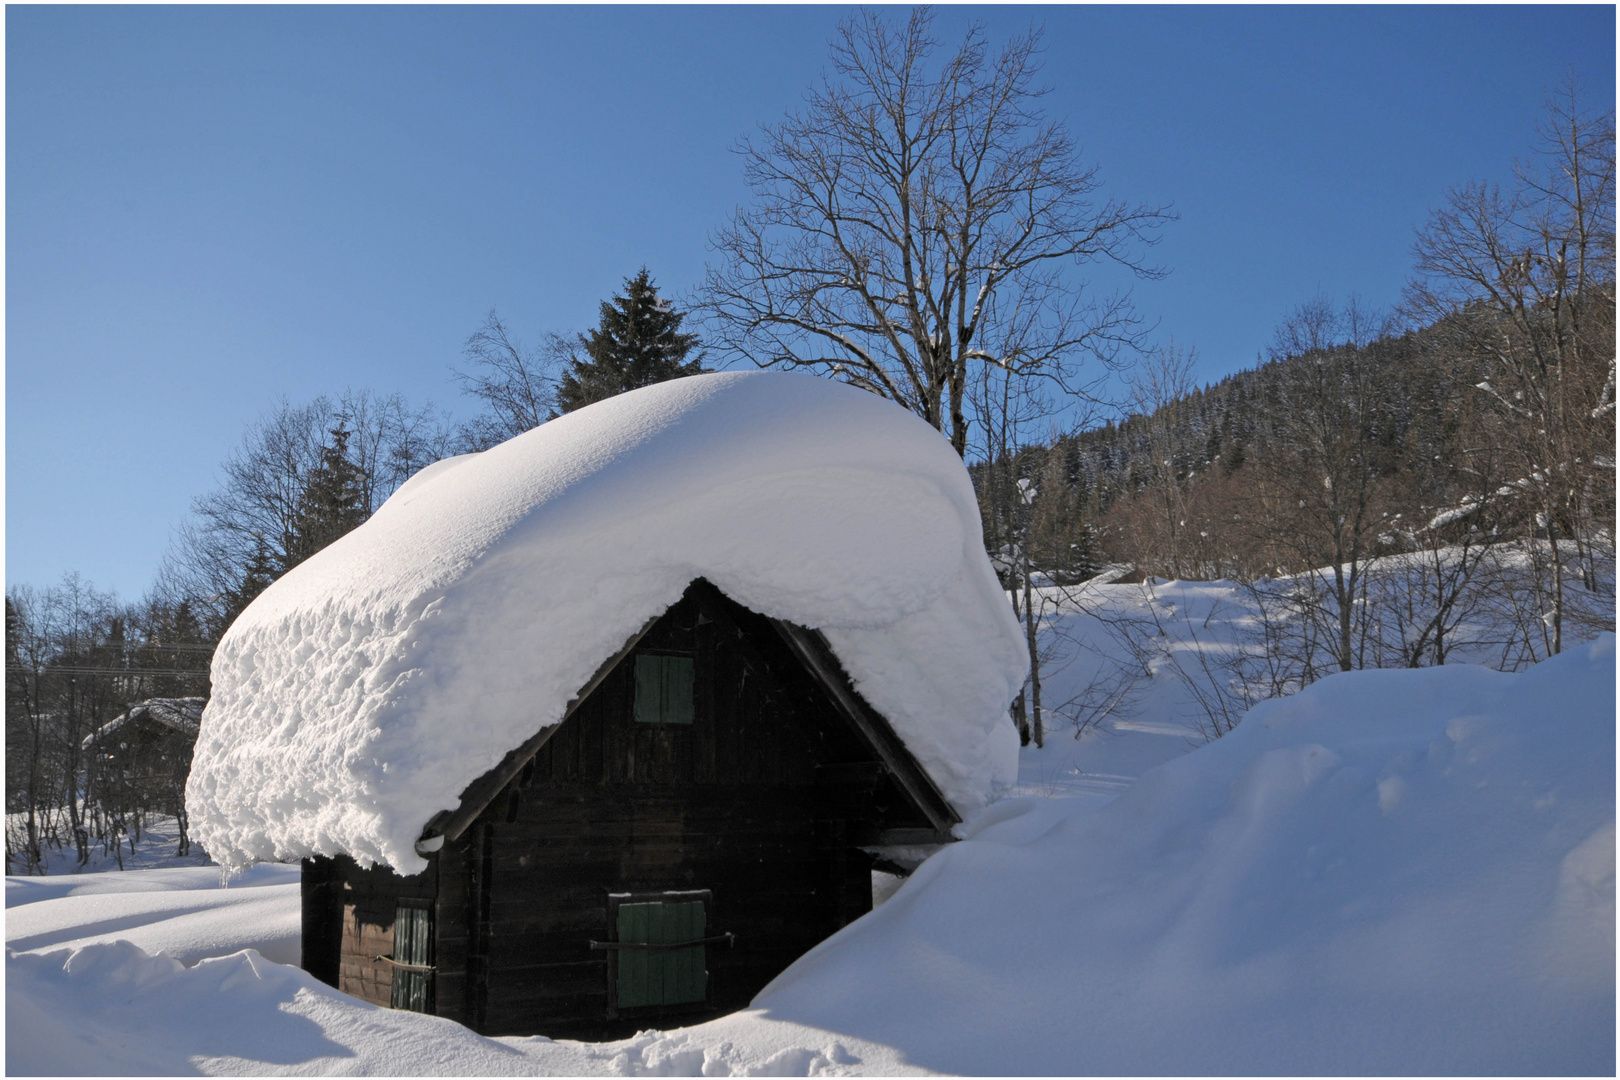 Maria - Alm - Hintetal, da wo der Winter zu Hause ist